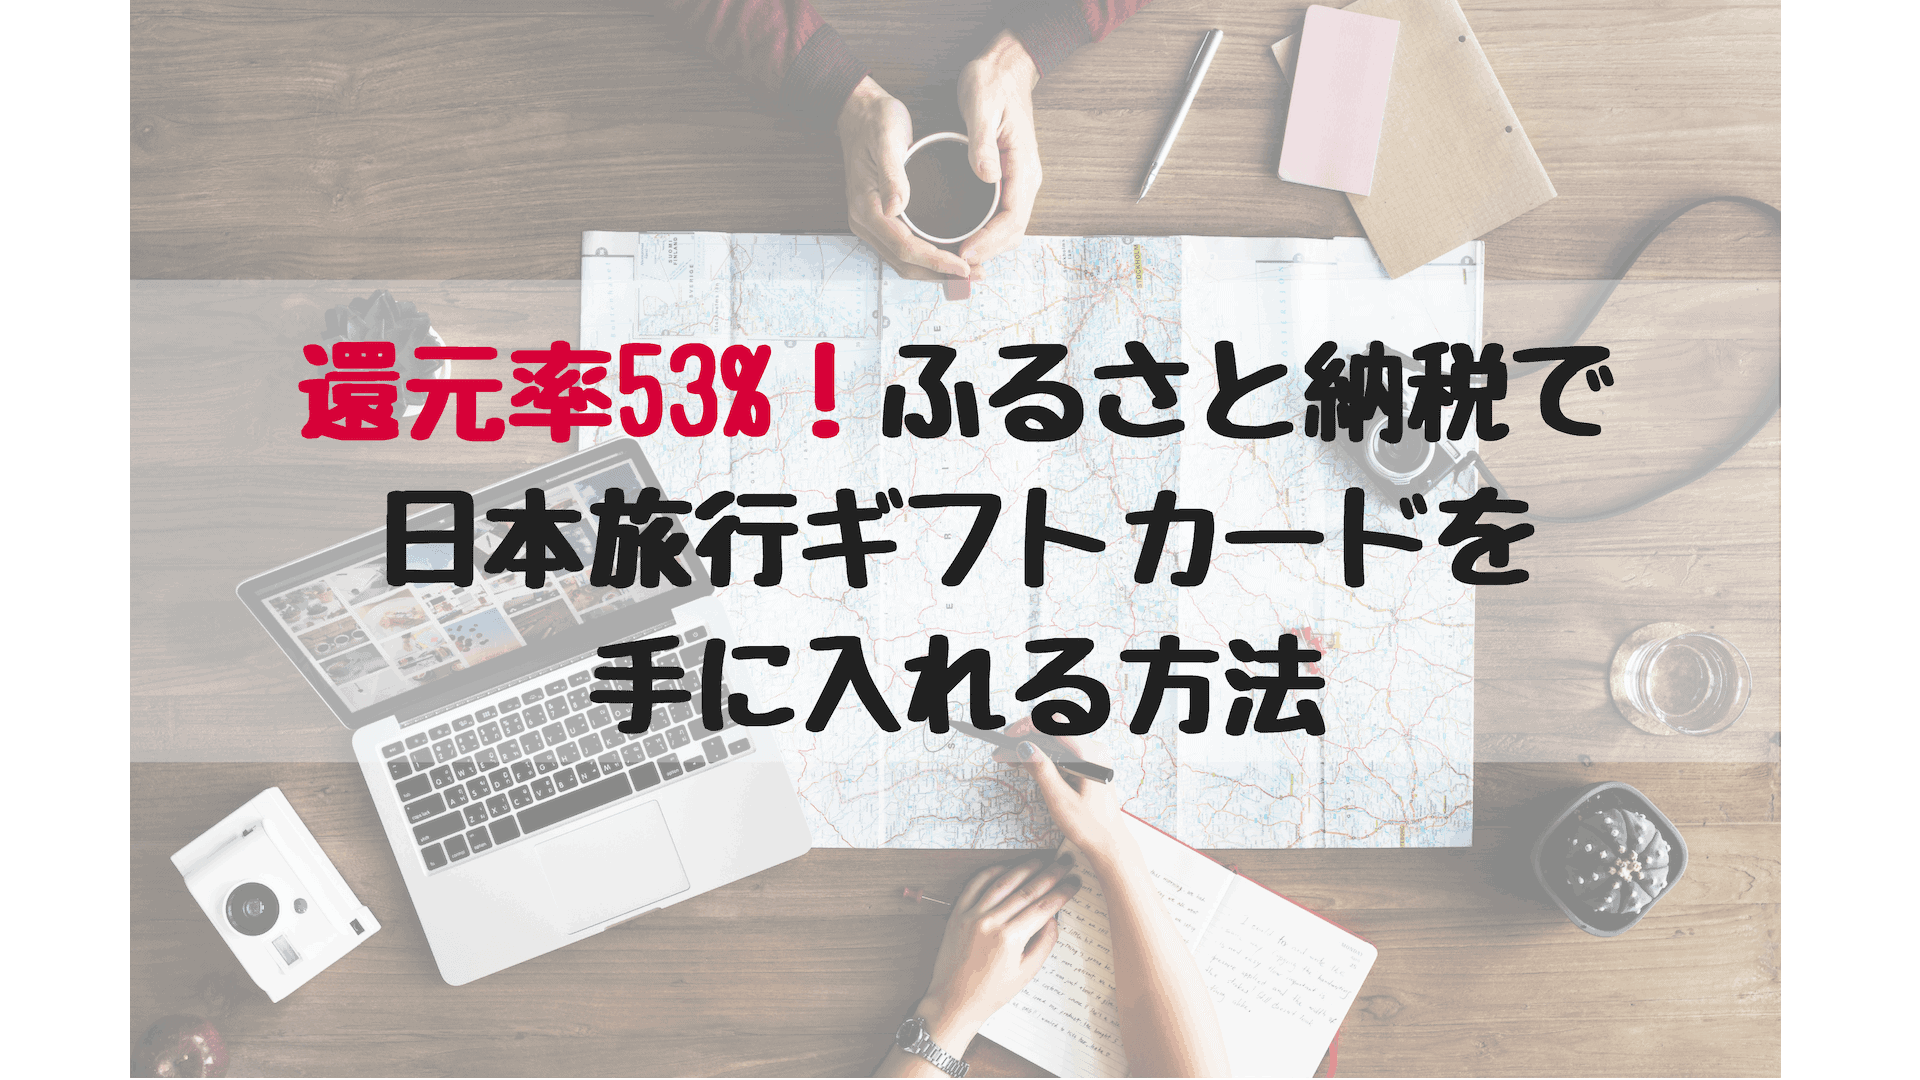 ふるさと納税「ふるなび」で還元率53%の日本旅行ギフトをもらう方法【2019年1月】